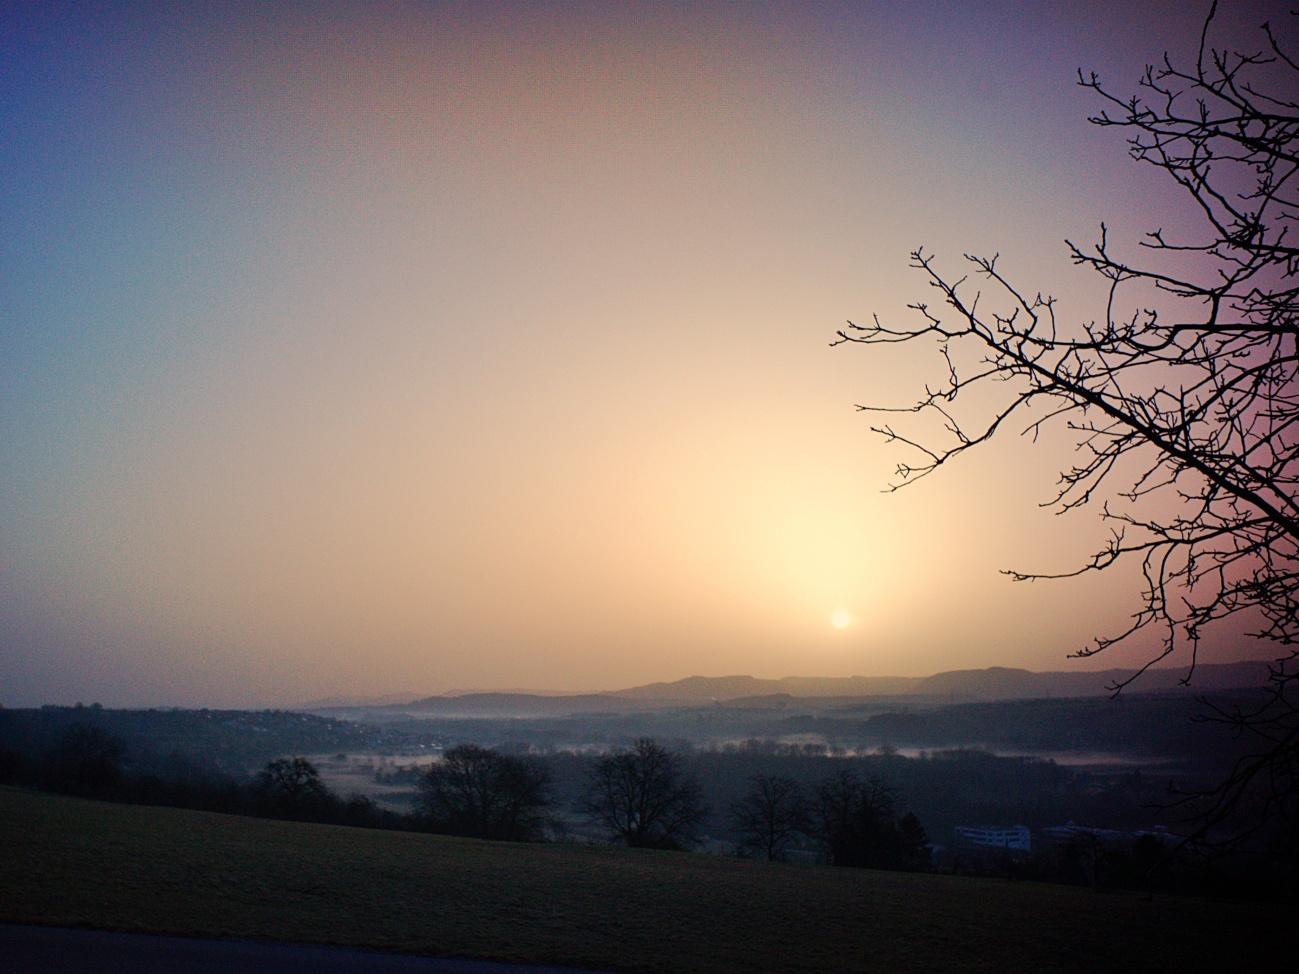 Krasses Fix-Fokus Objektiv #9 — Wo es einen Abend gibt, gab es auch ein Morgen